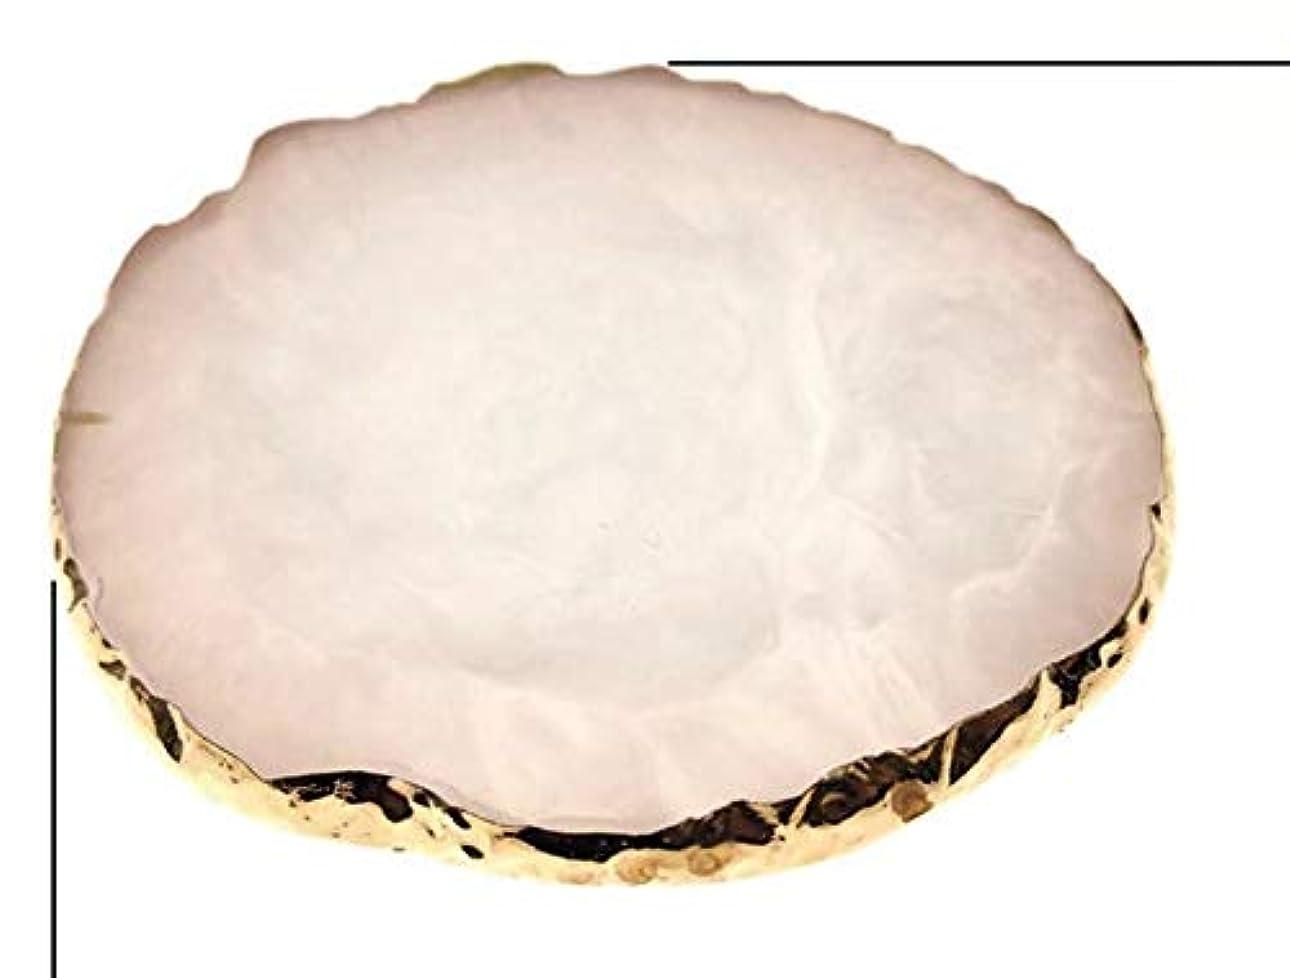 地味なカンガルー宿るGlitter Powderジェルネイル ホワイト ネイル ジェルネイル パレット プレート ディスプレイ 天然石風 展示用 アゲートプレート デコ アクセサリー ジェルネイル (ホワイト)